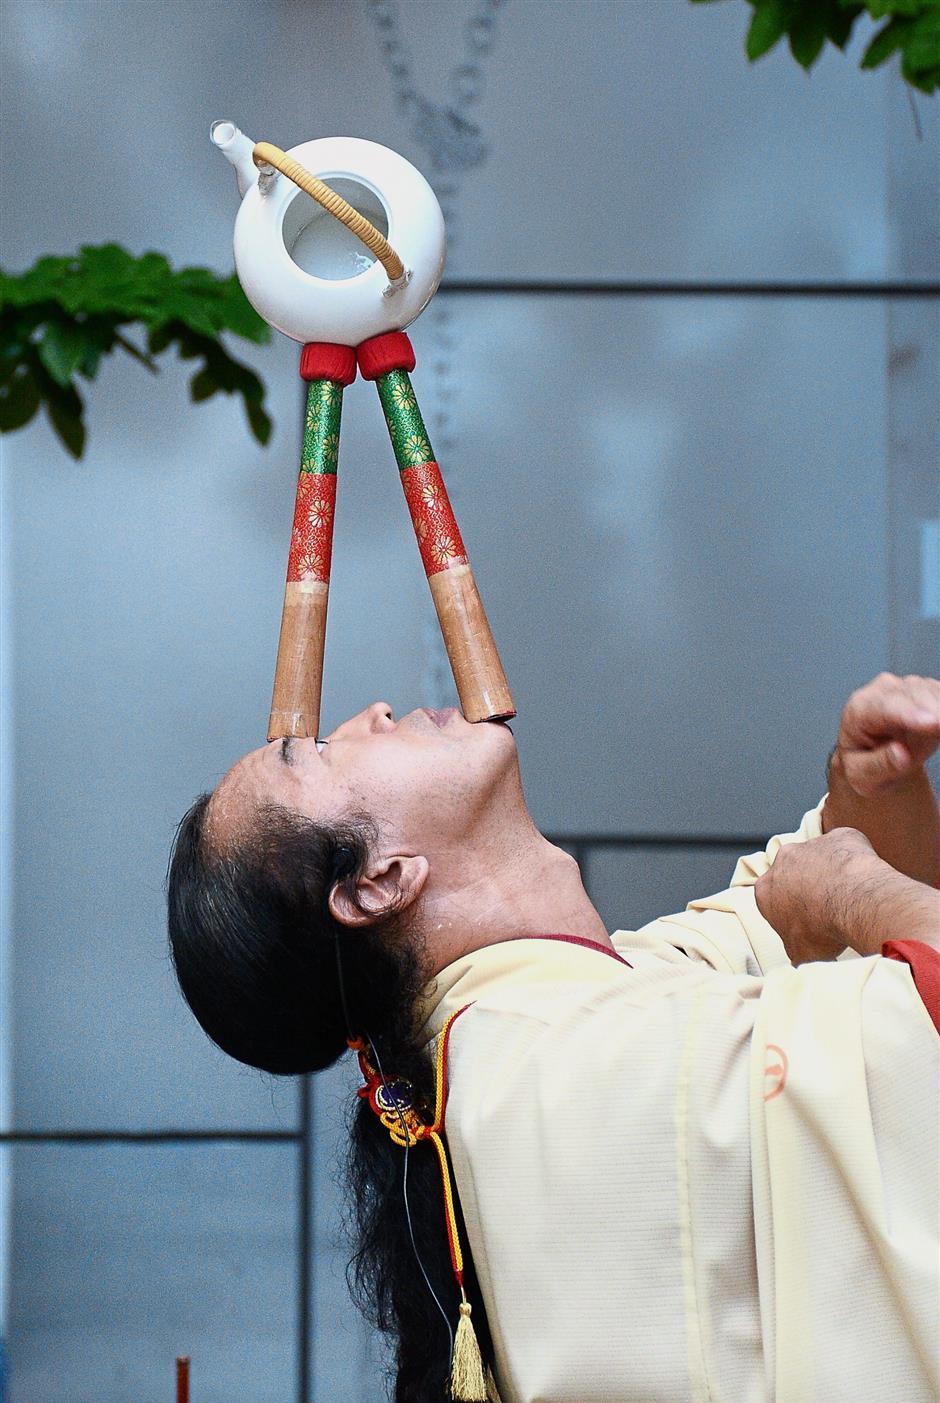 Senmaru displaying his skills balancing a ceramic teapot atop drumsticks.